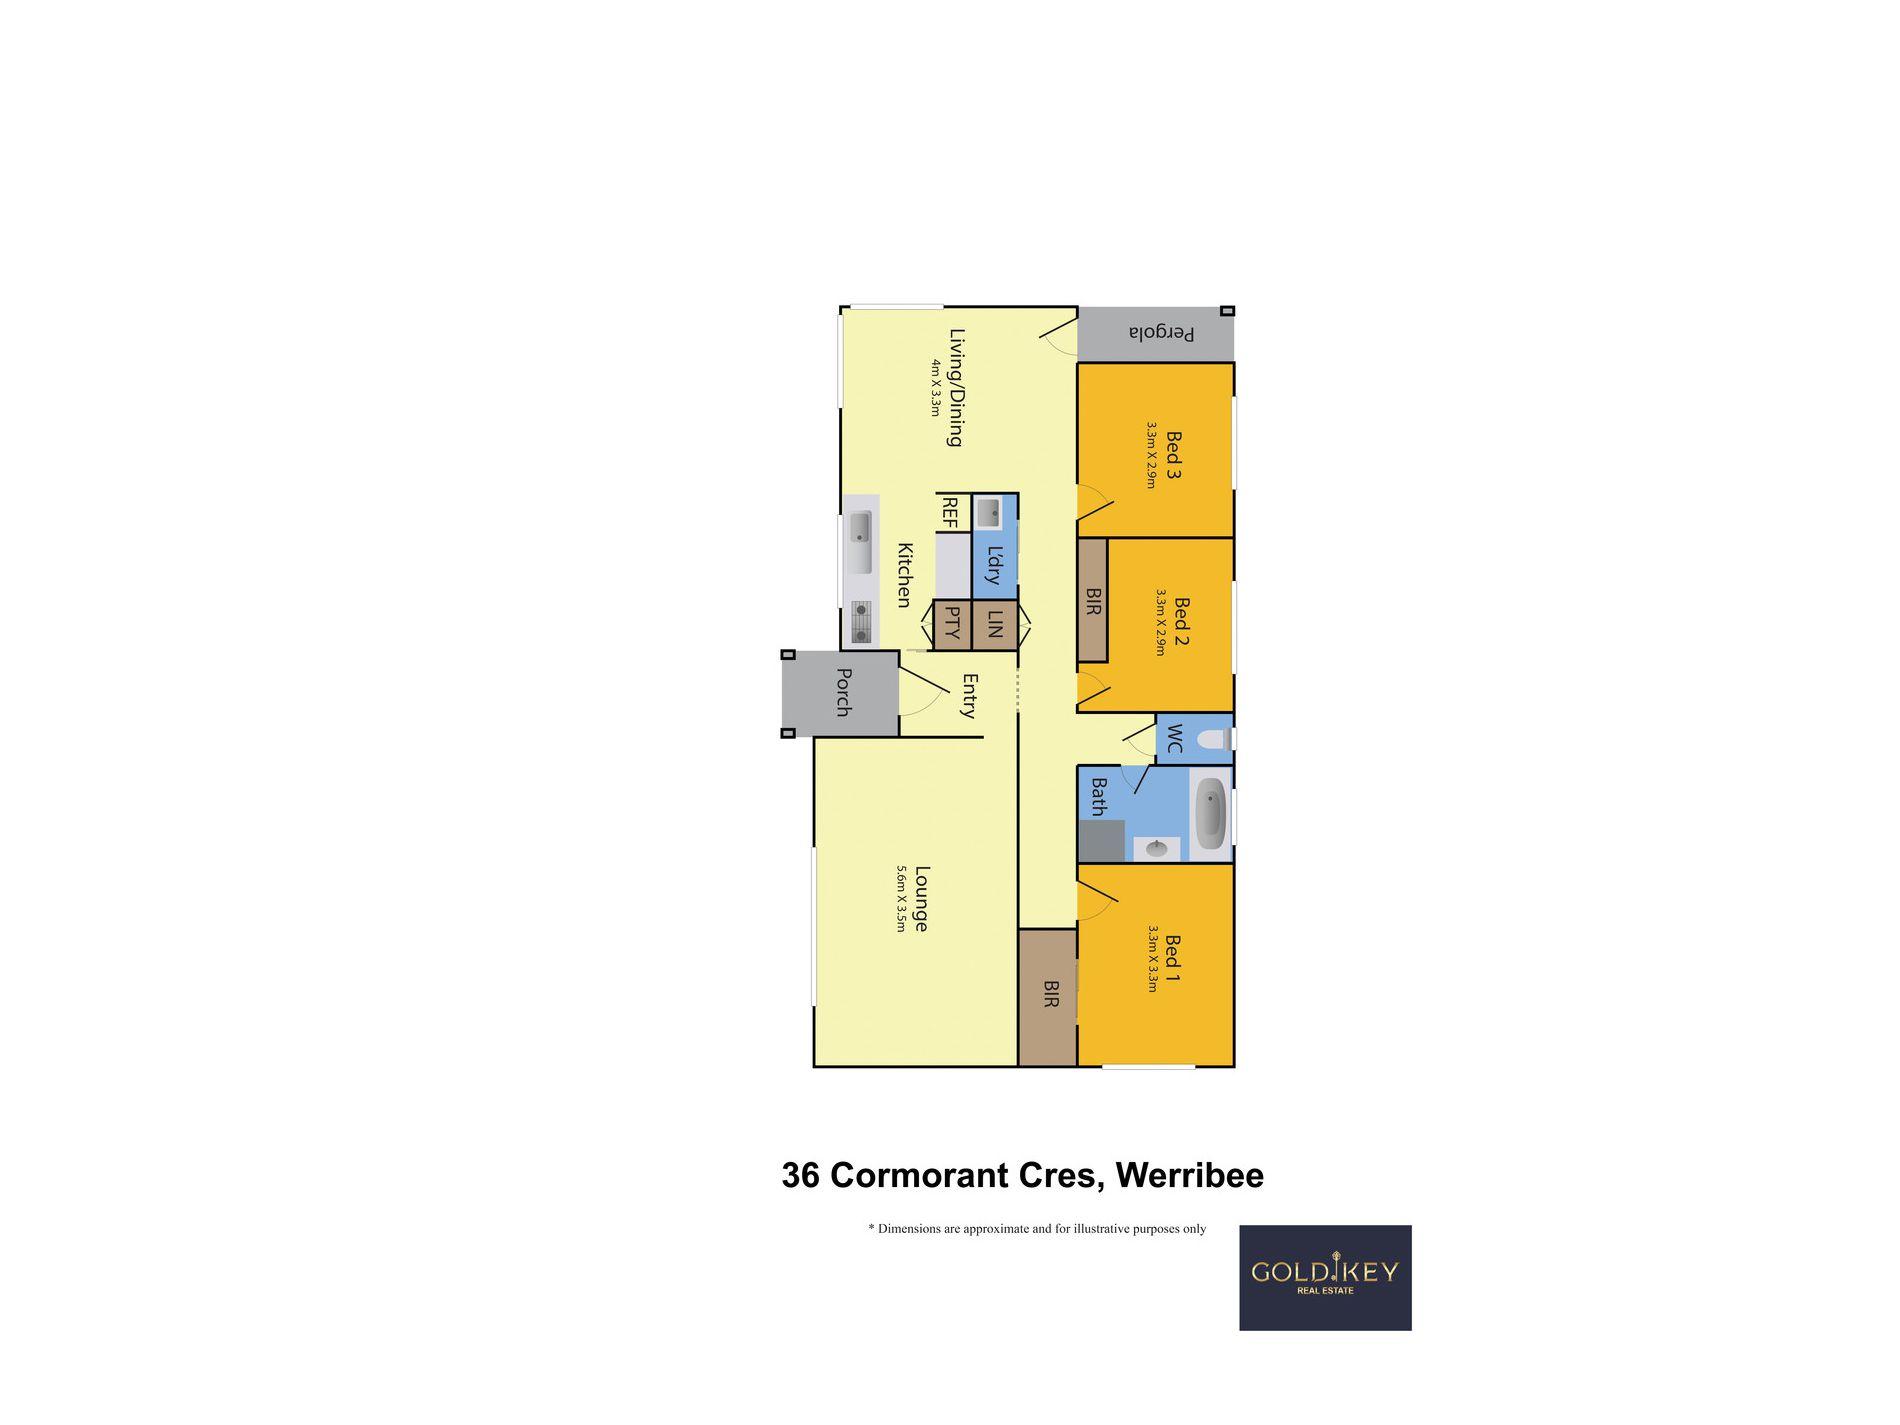 36 Cormorant Crescent, Werribee